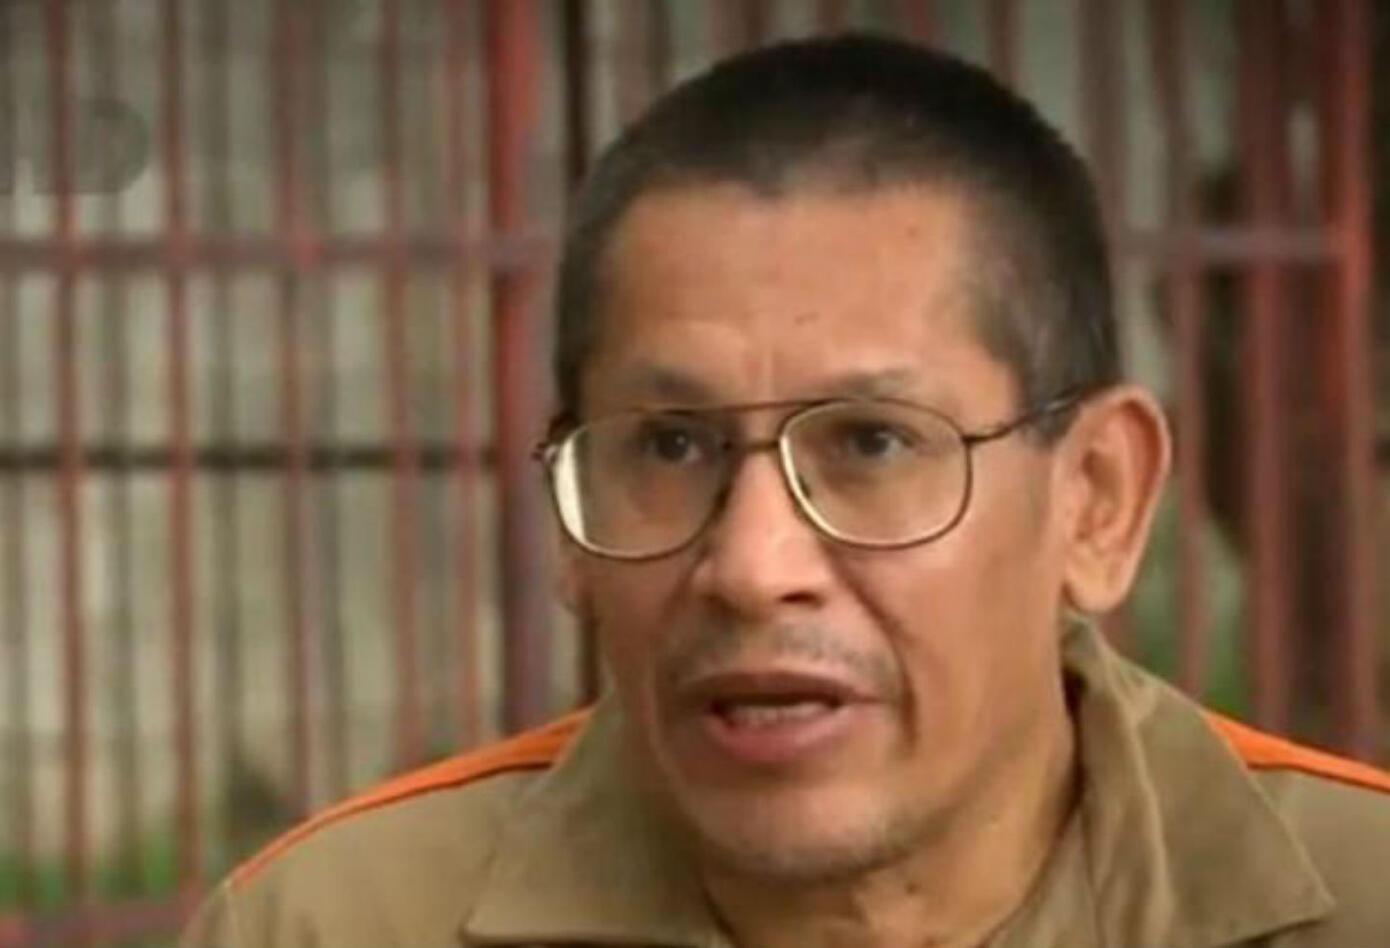 Entre 1999 y 2003. Manuel Octavio Bermúdez, 'El Monstruo de los Cañaduzales', se camufló como vendedor ambulante para violar y asesinar a más de 50 niños.